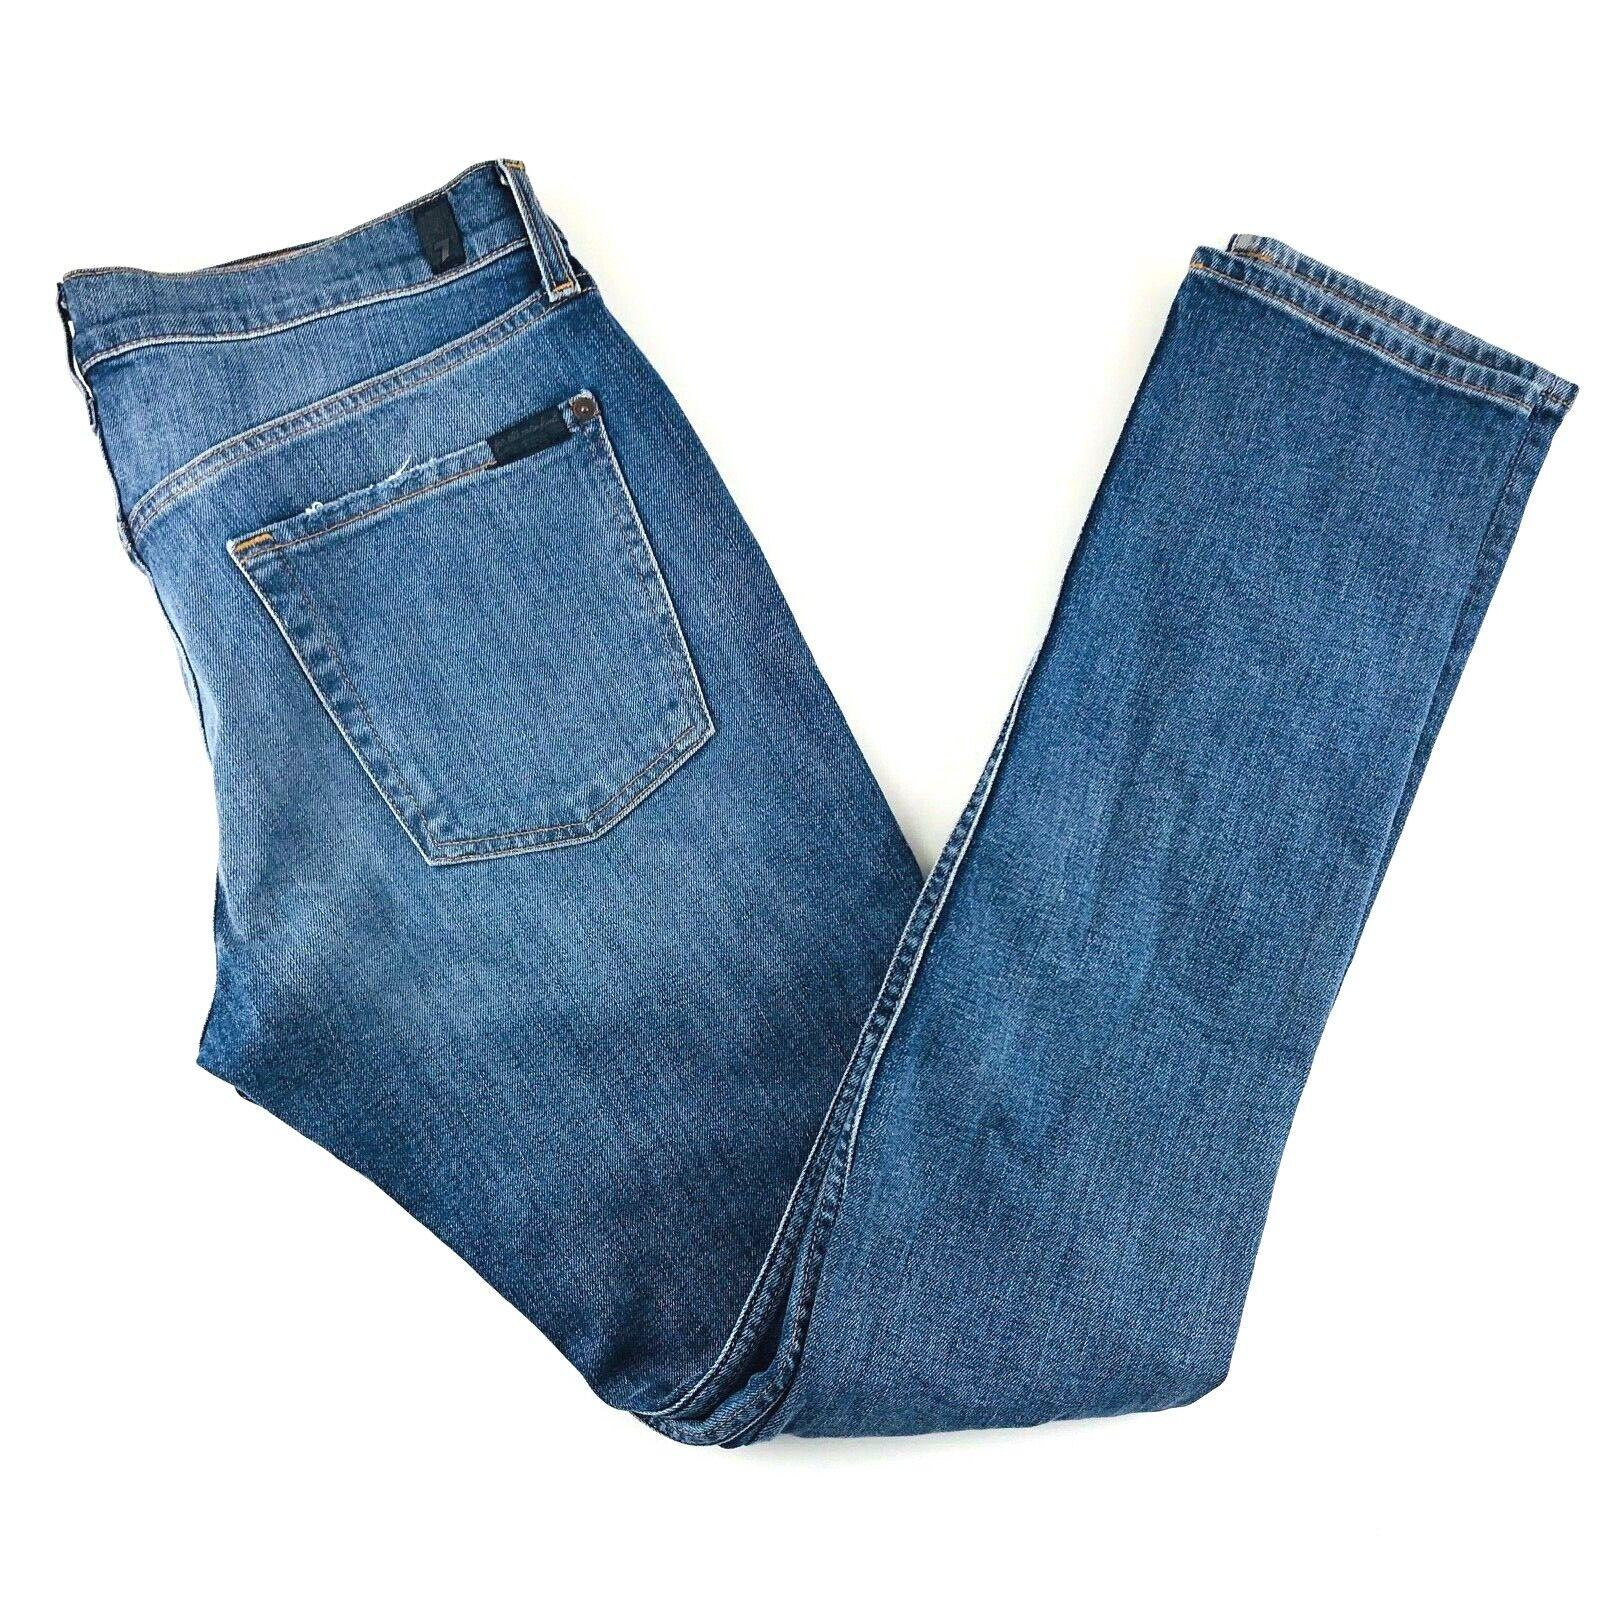 7 for all mankind  paxtyn Skinny Jeans Denim Elástico envejecido hombre 34 36 x33 Nuevo con etiquetas  precios bajos